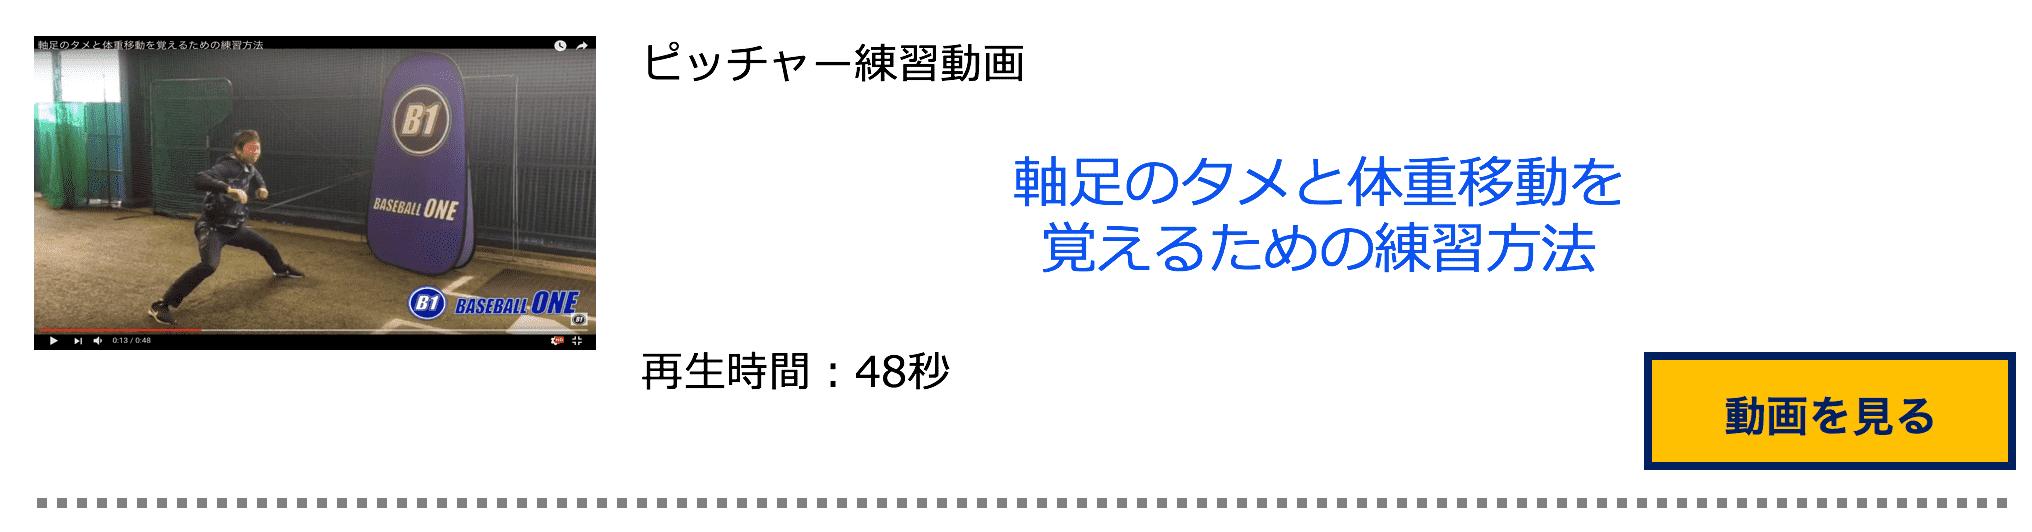 スクリーンショット 2017-05-19 13.12.24